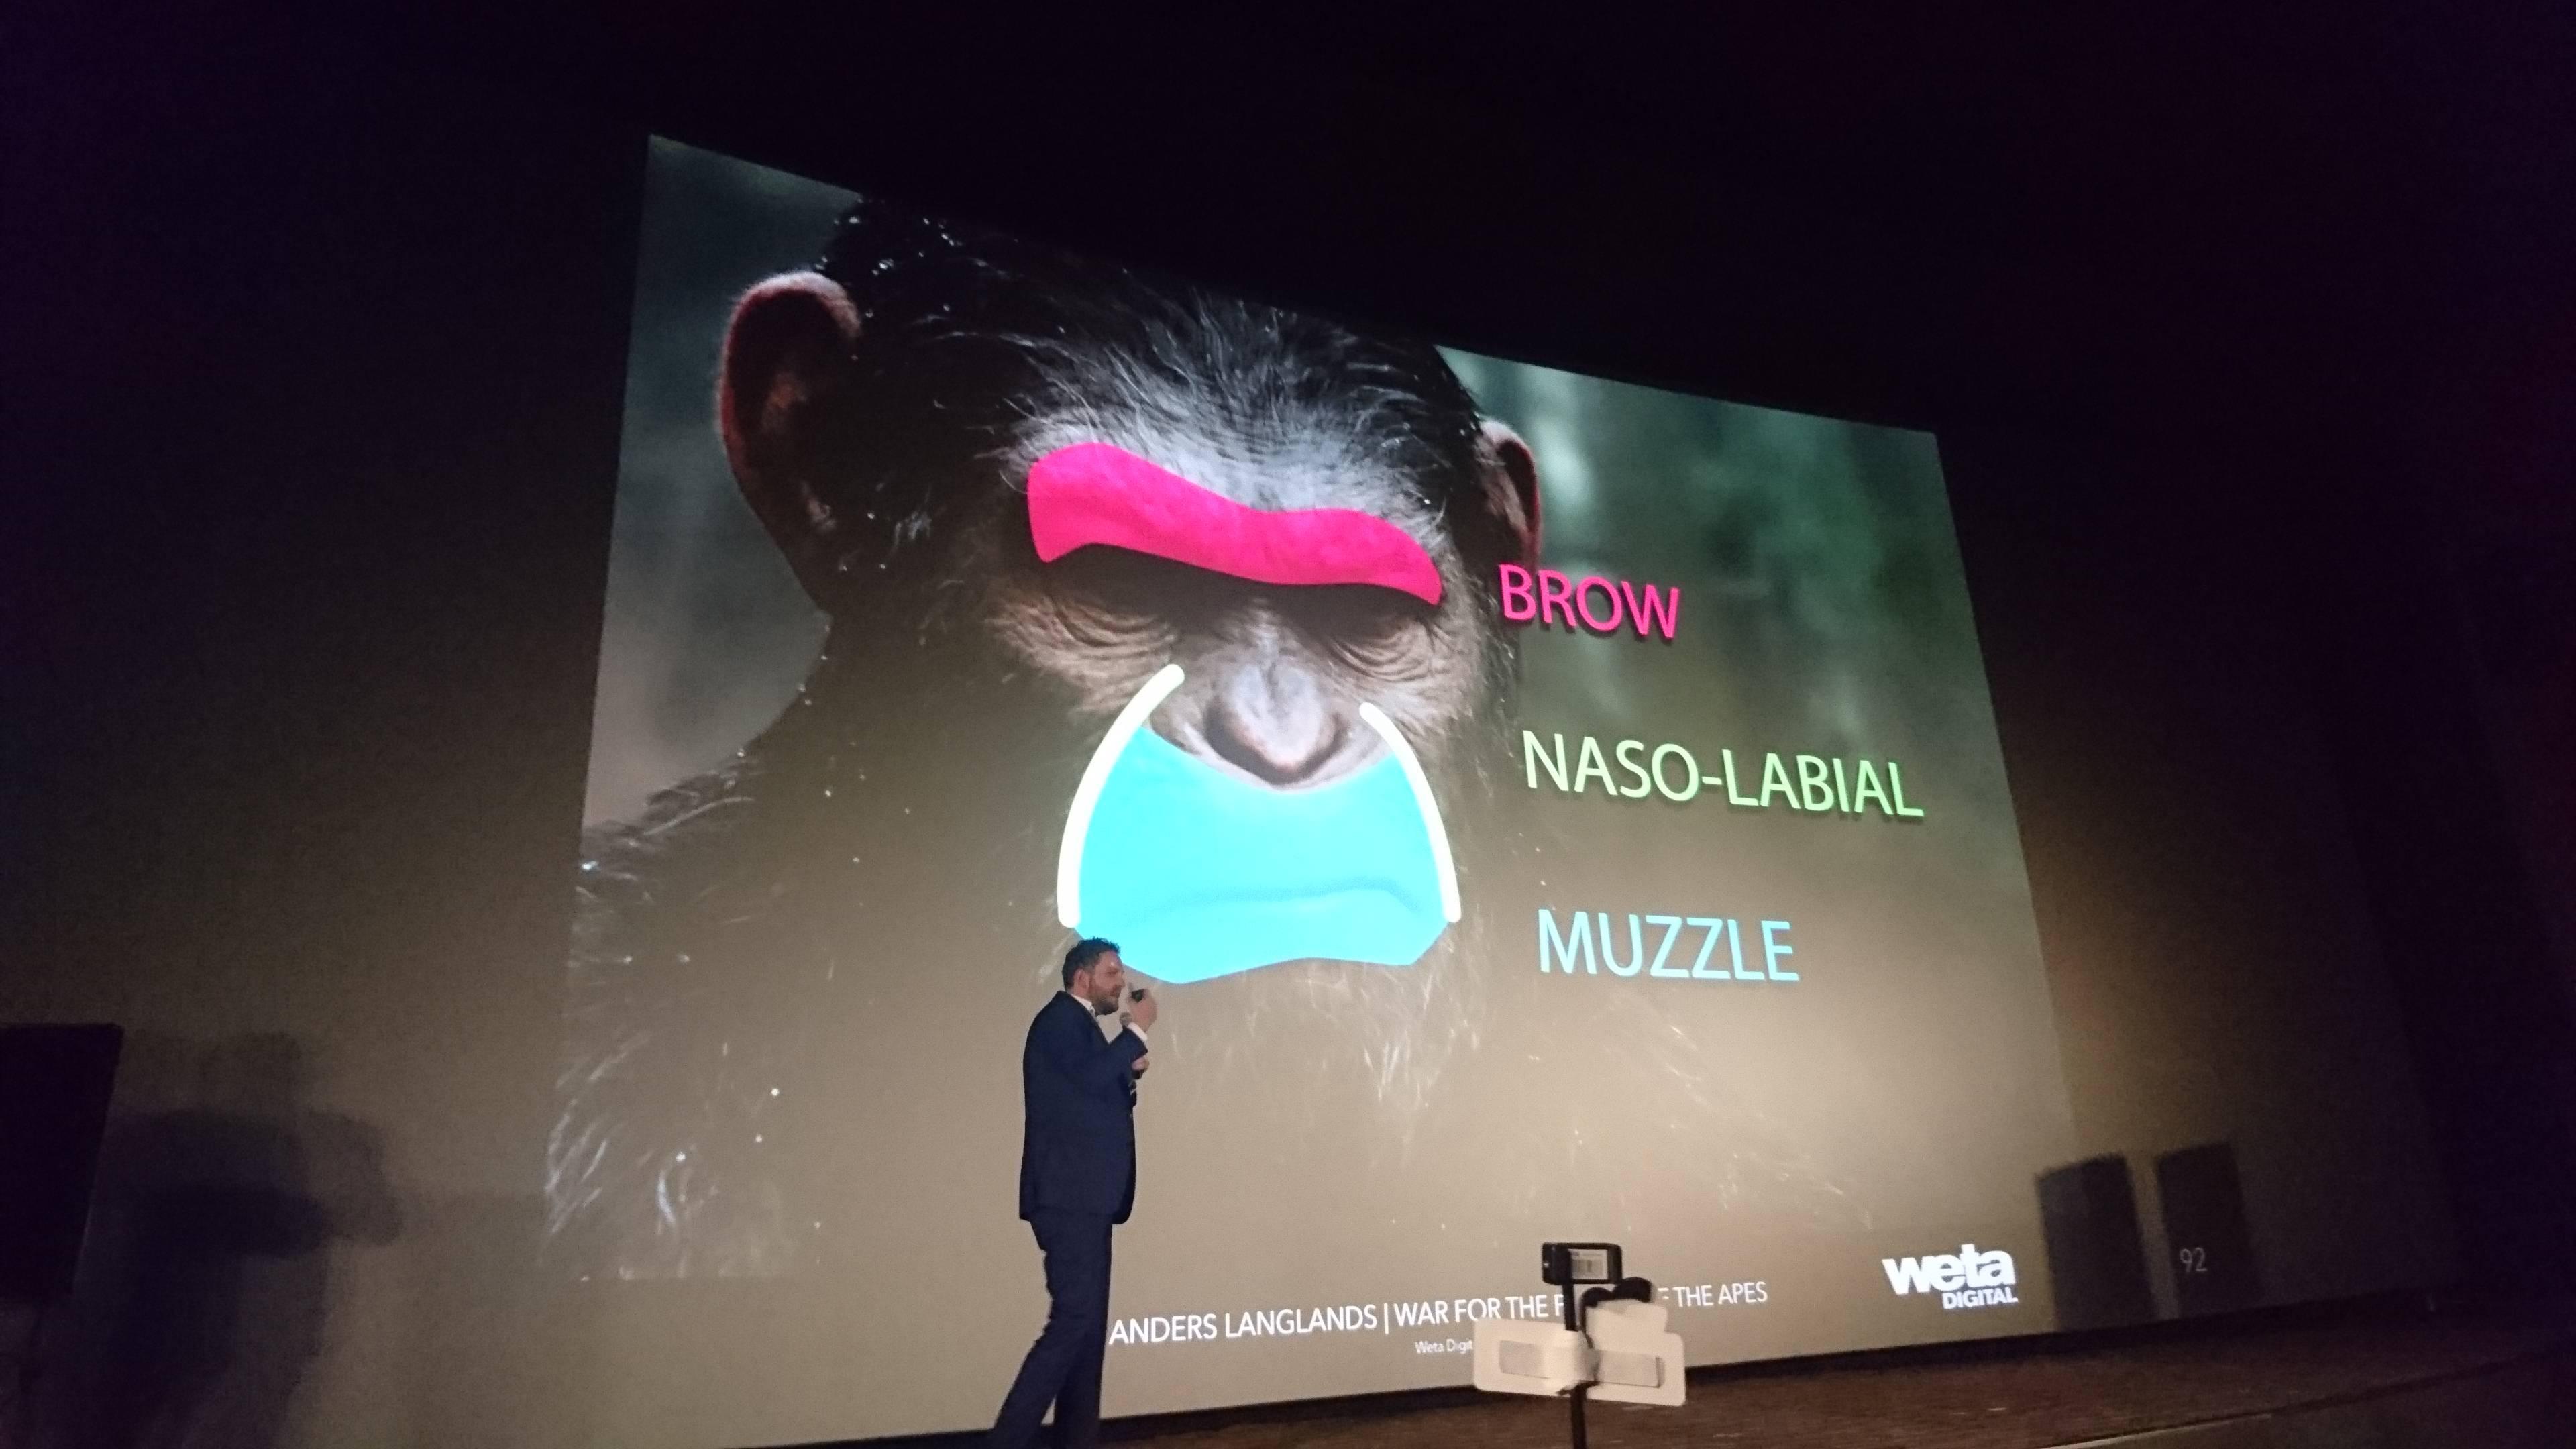 猩猩和人表情的区别